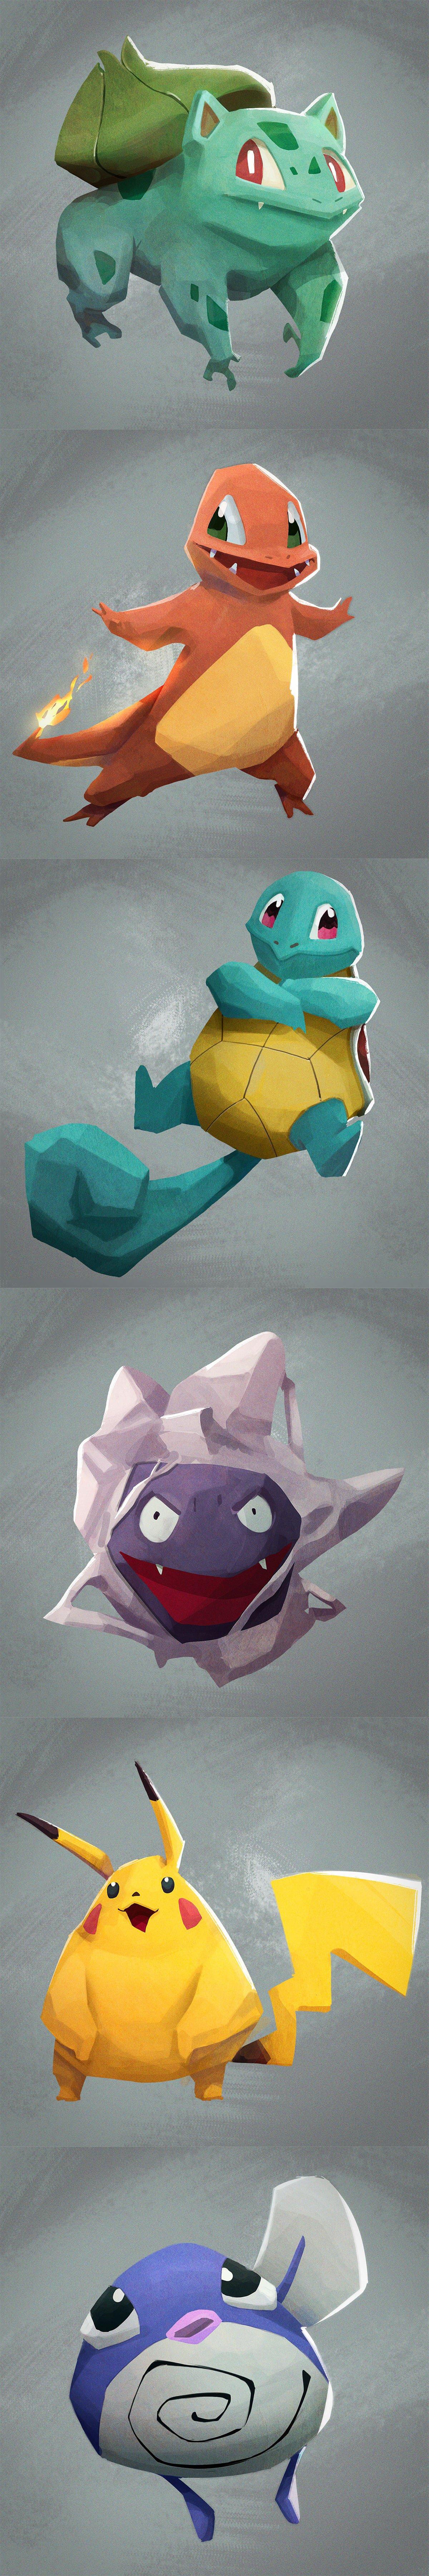 Pokemon by Maxime Templé